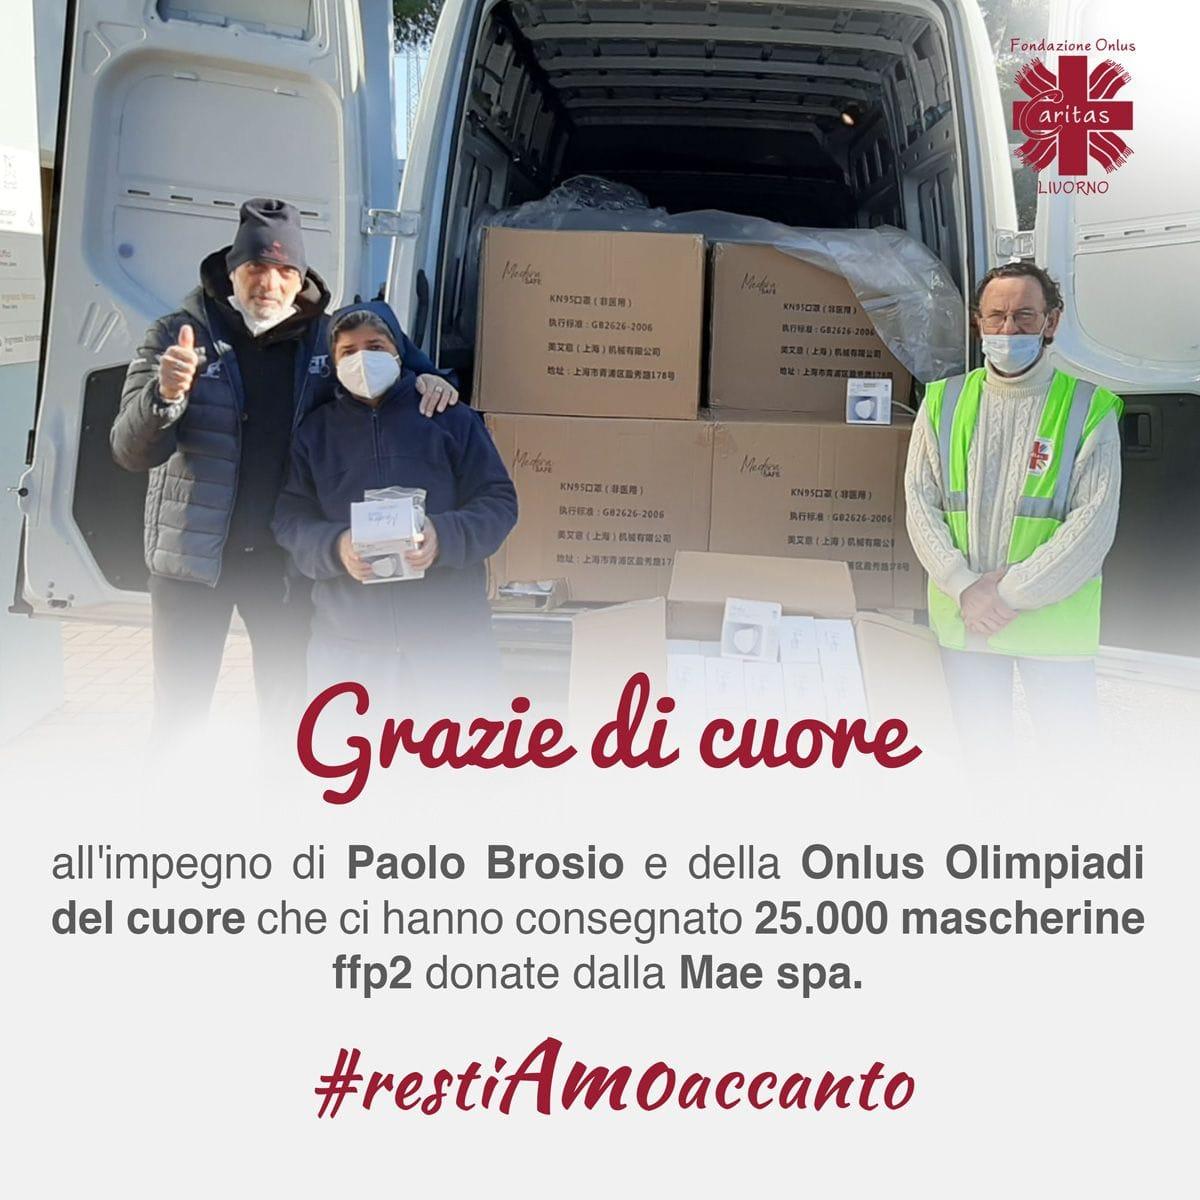 Grazie a Paolo Brosio e alla Onlus Olimpiadi del Cuore per la generosa donazione